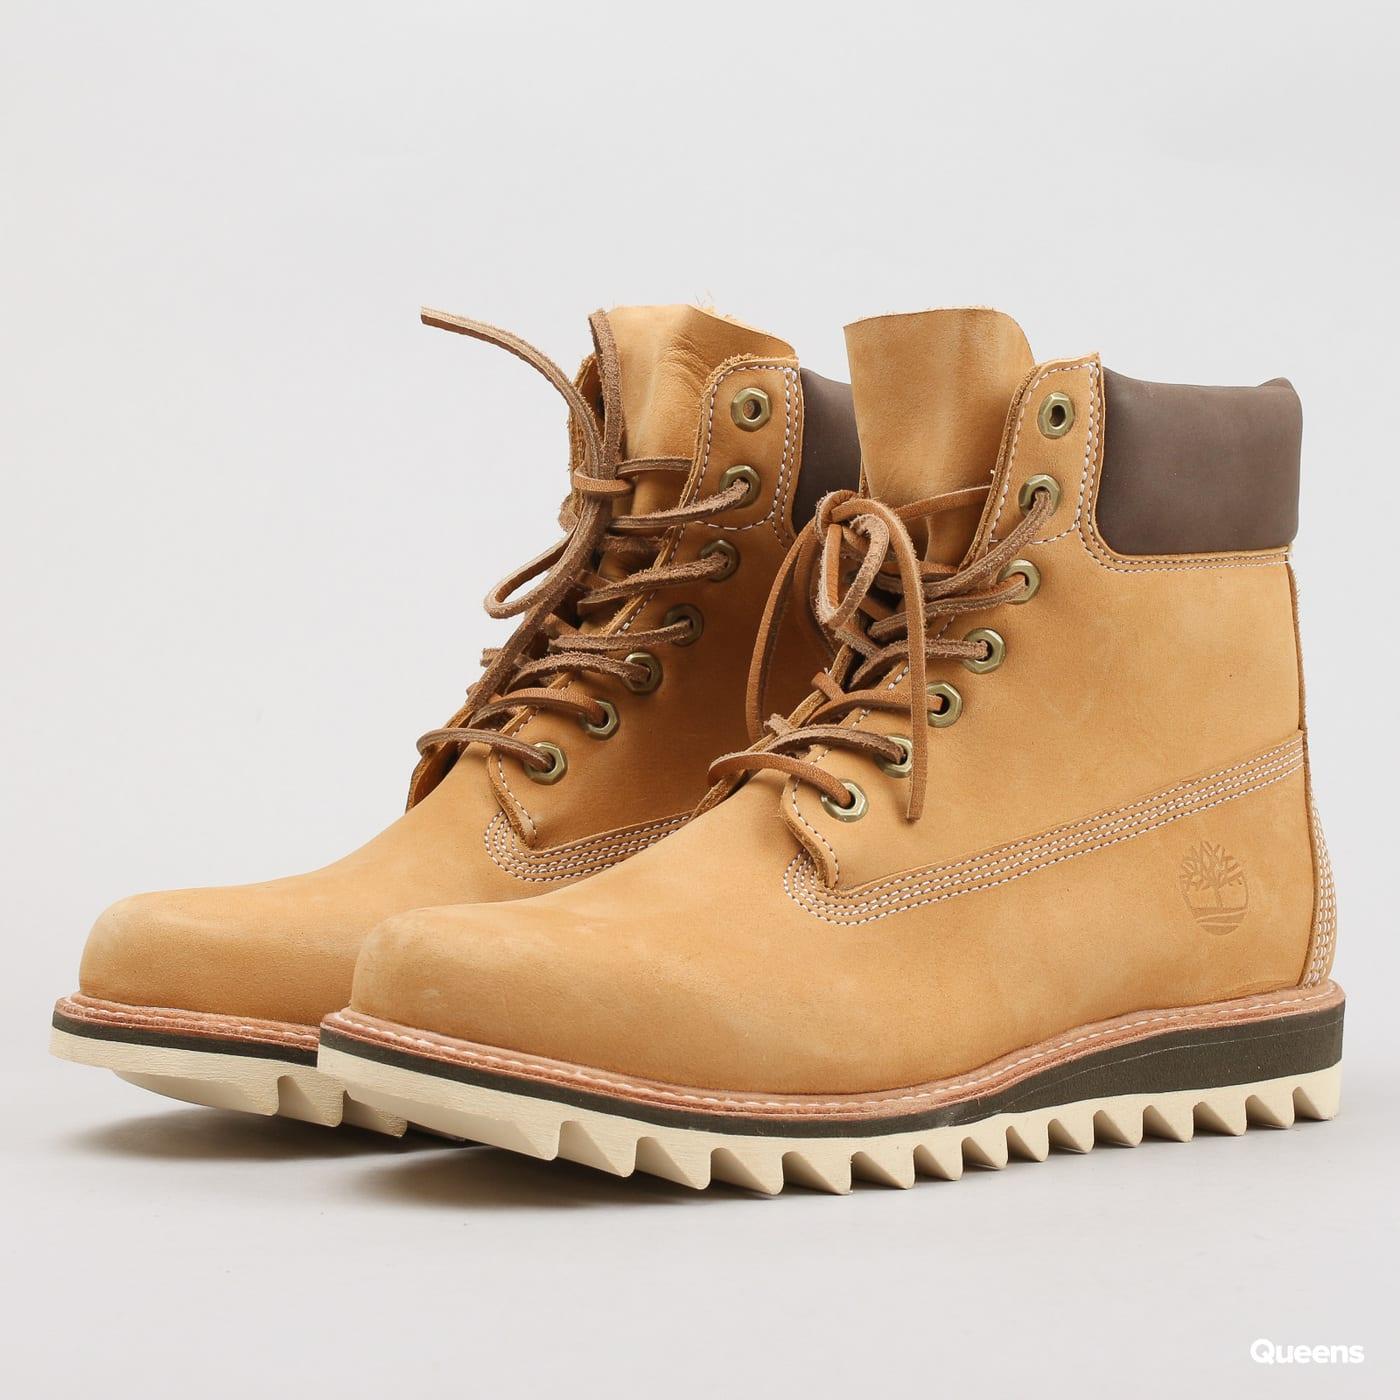 d7ff8433f5a Pánské zimní boty Timberland Selbyville 6